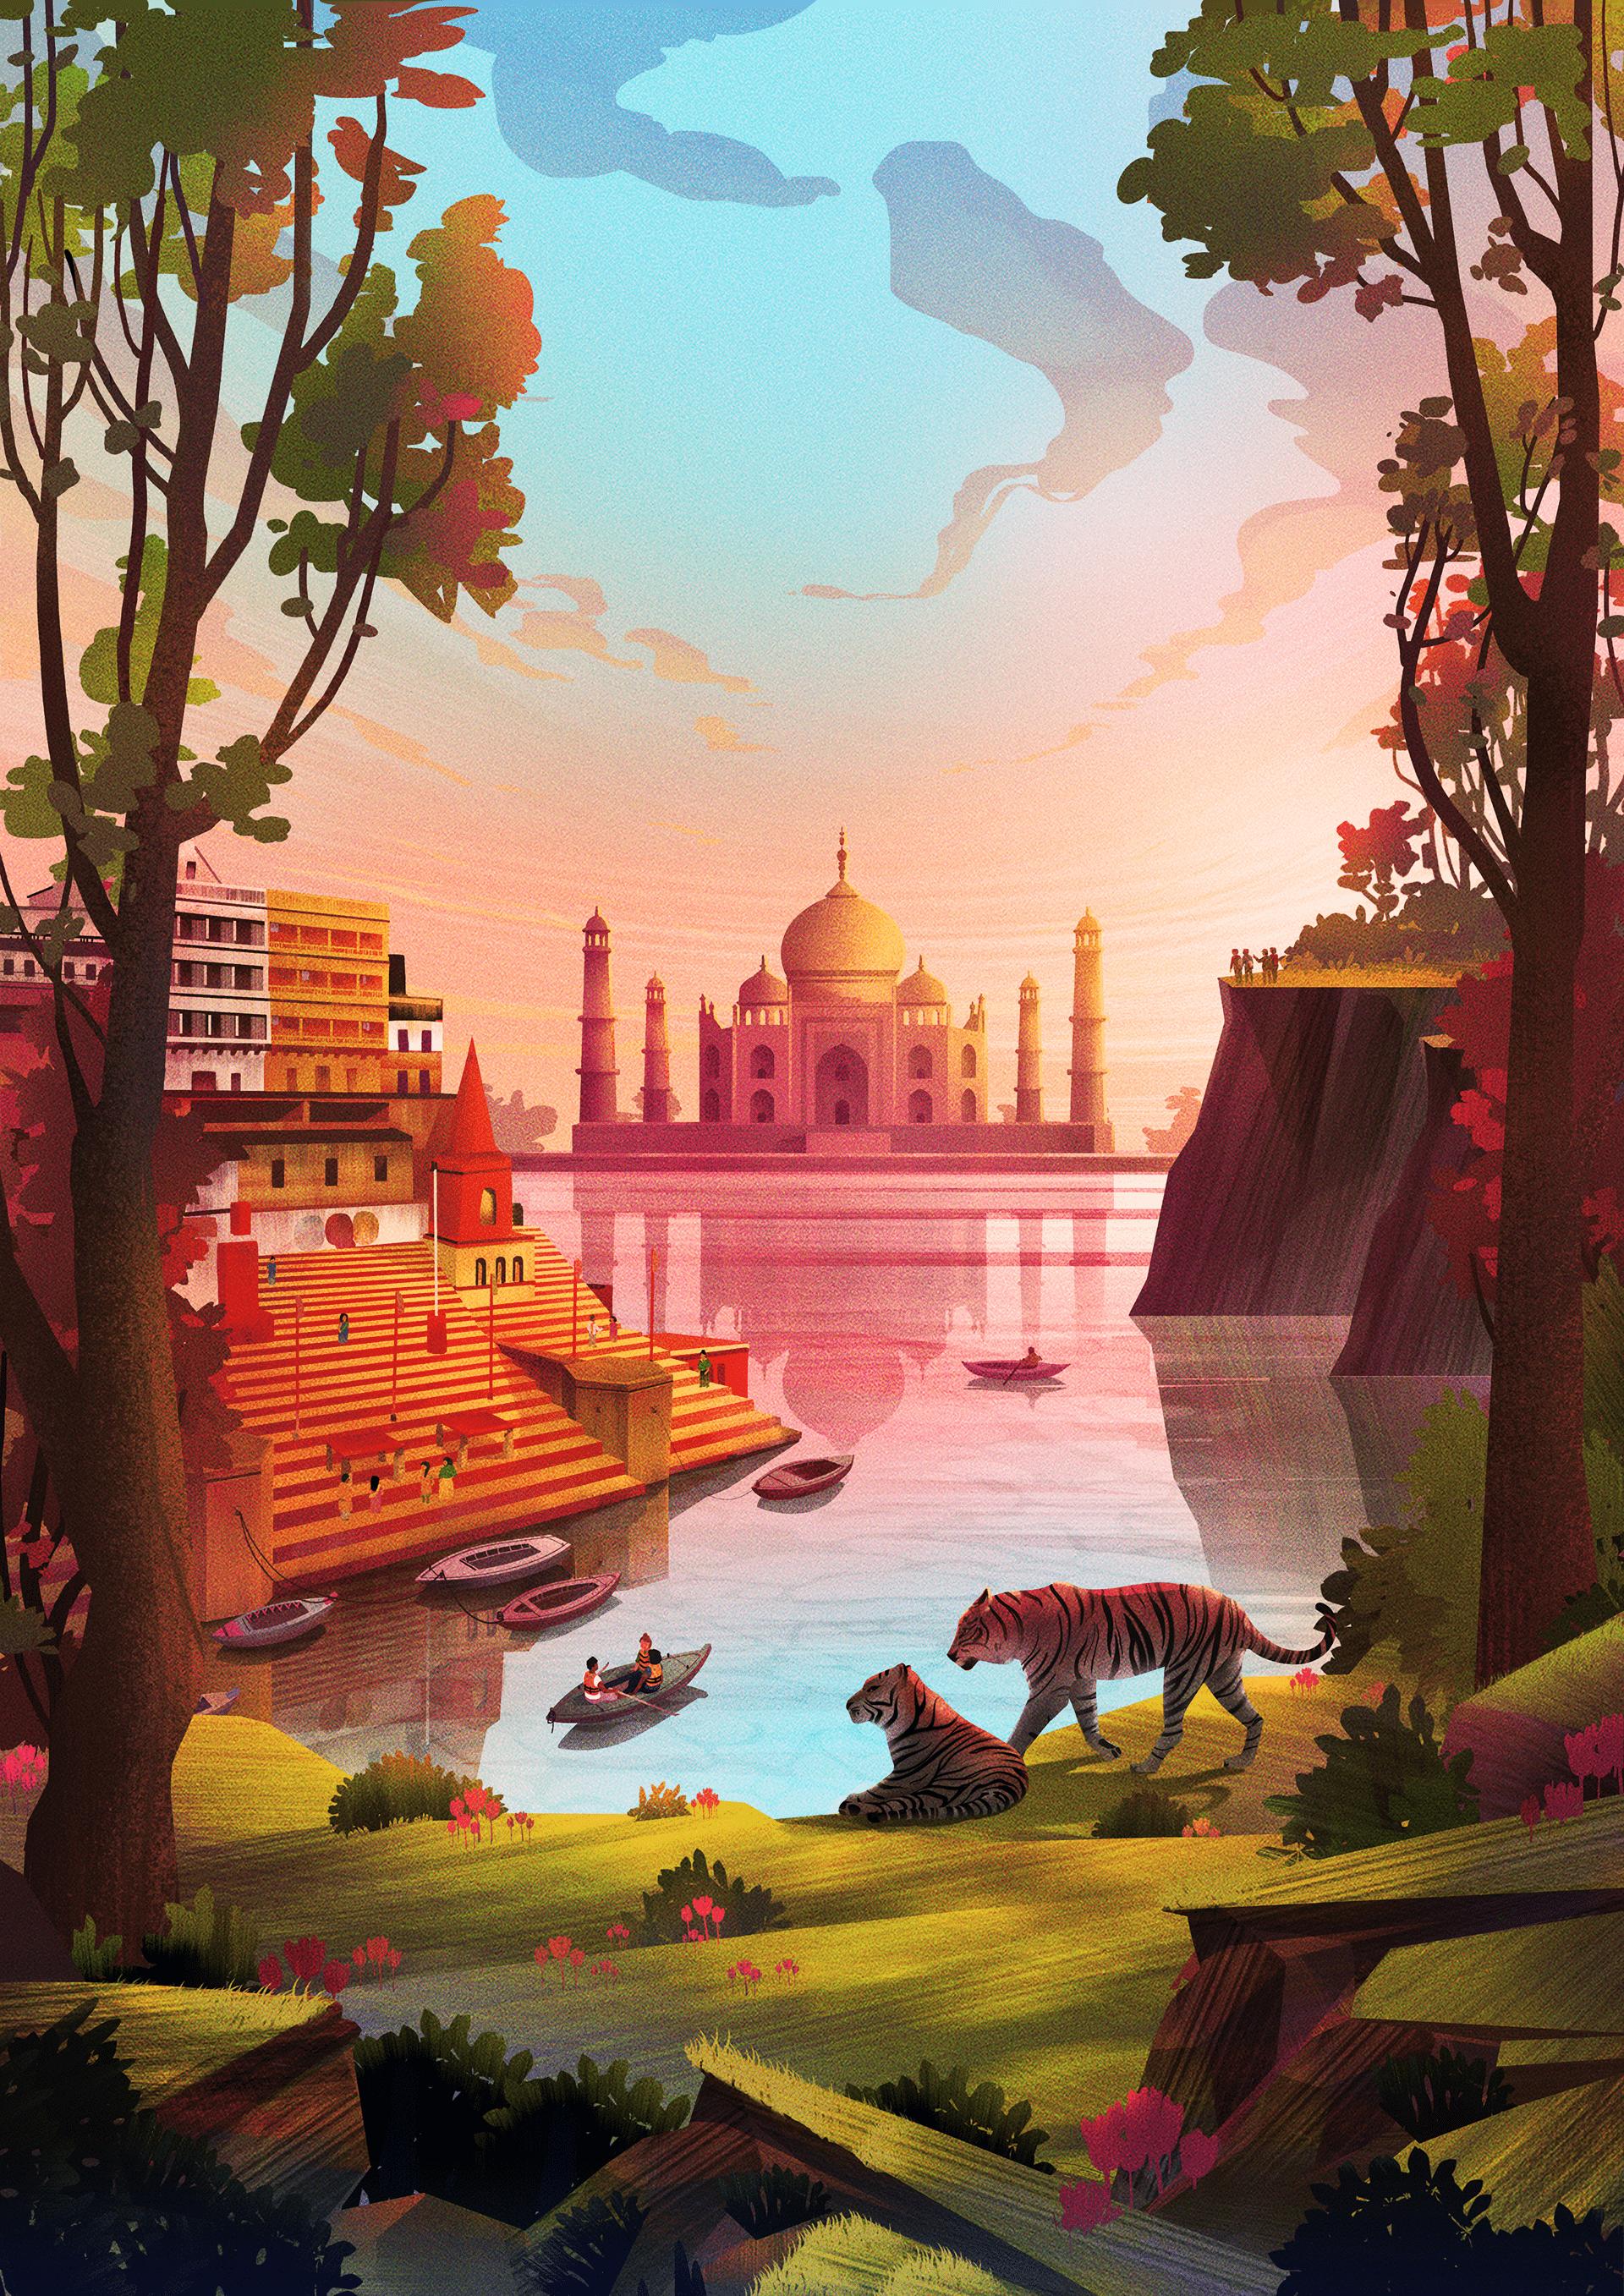 Illustration,Digital Art